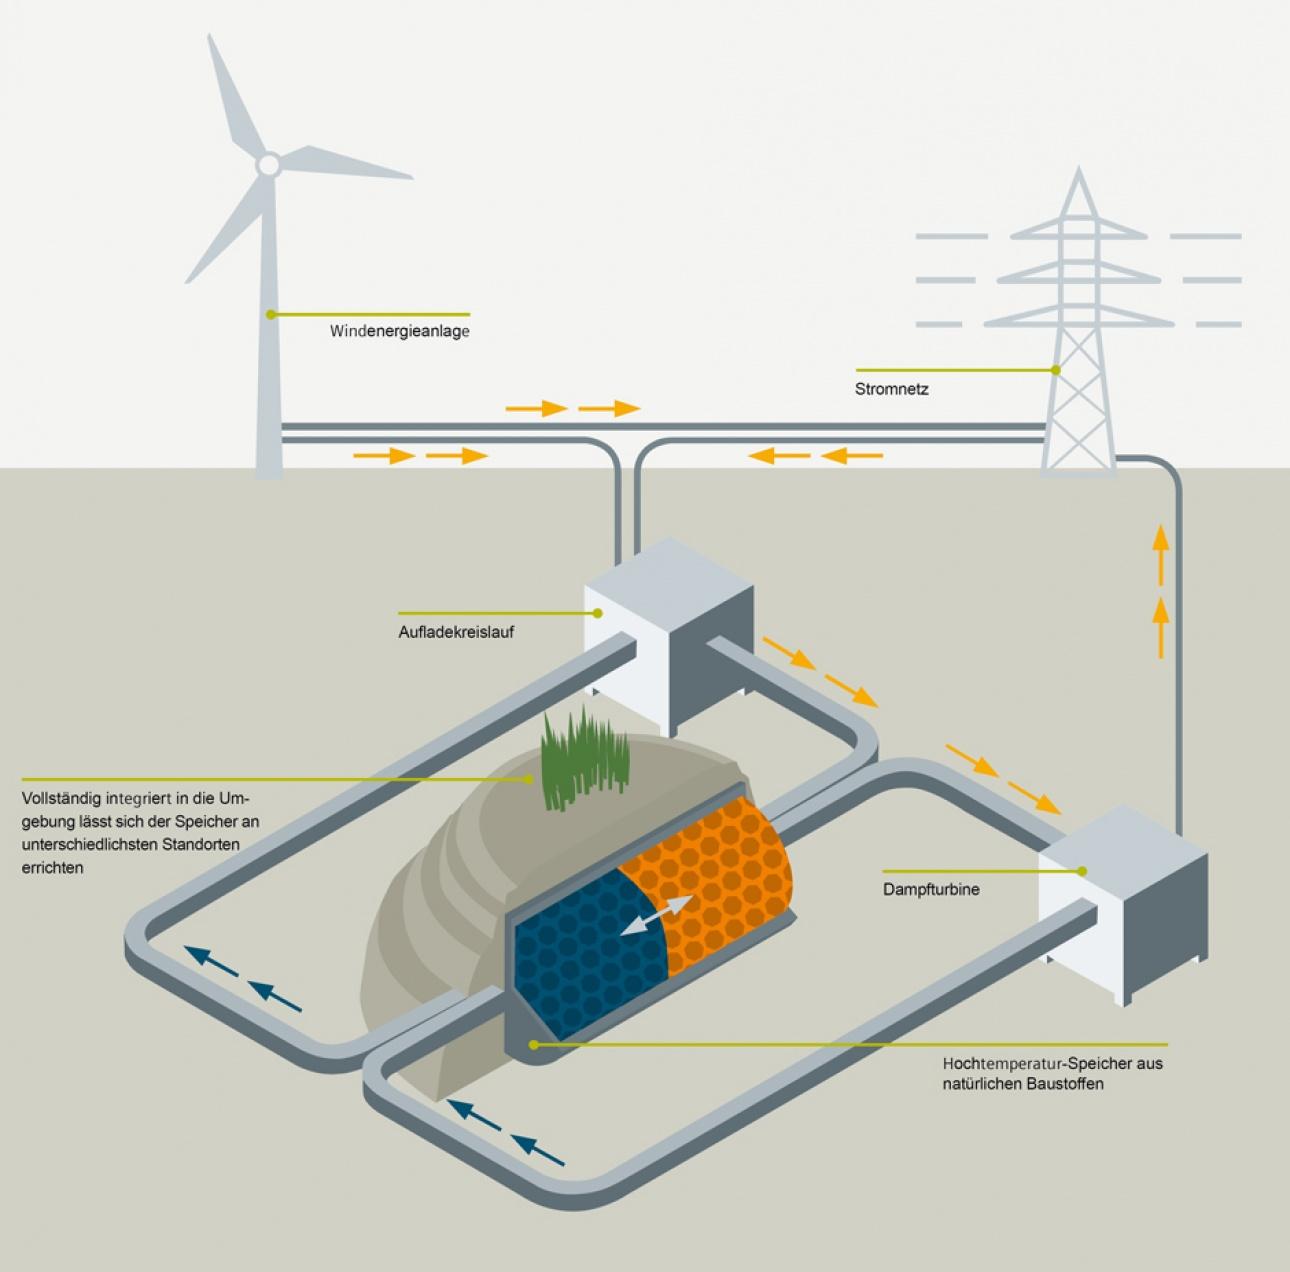 Siemens-Wärmespeicher in Bergedorf - Grafik © Siemens AG